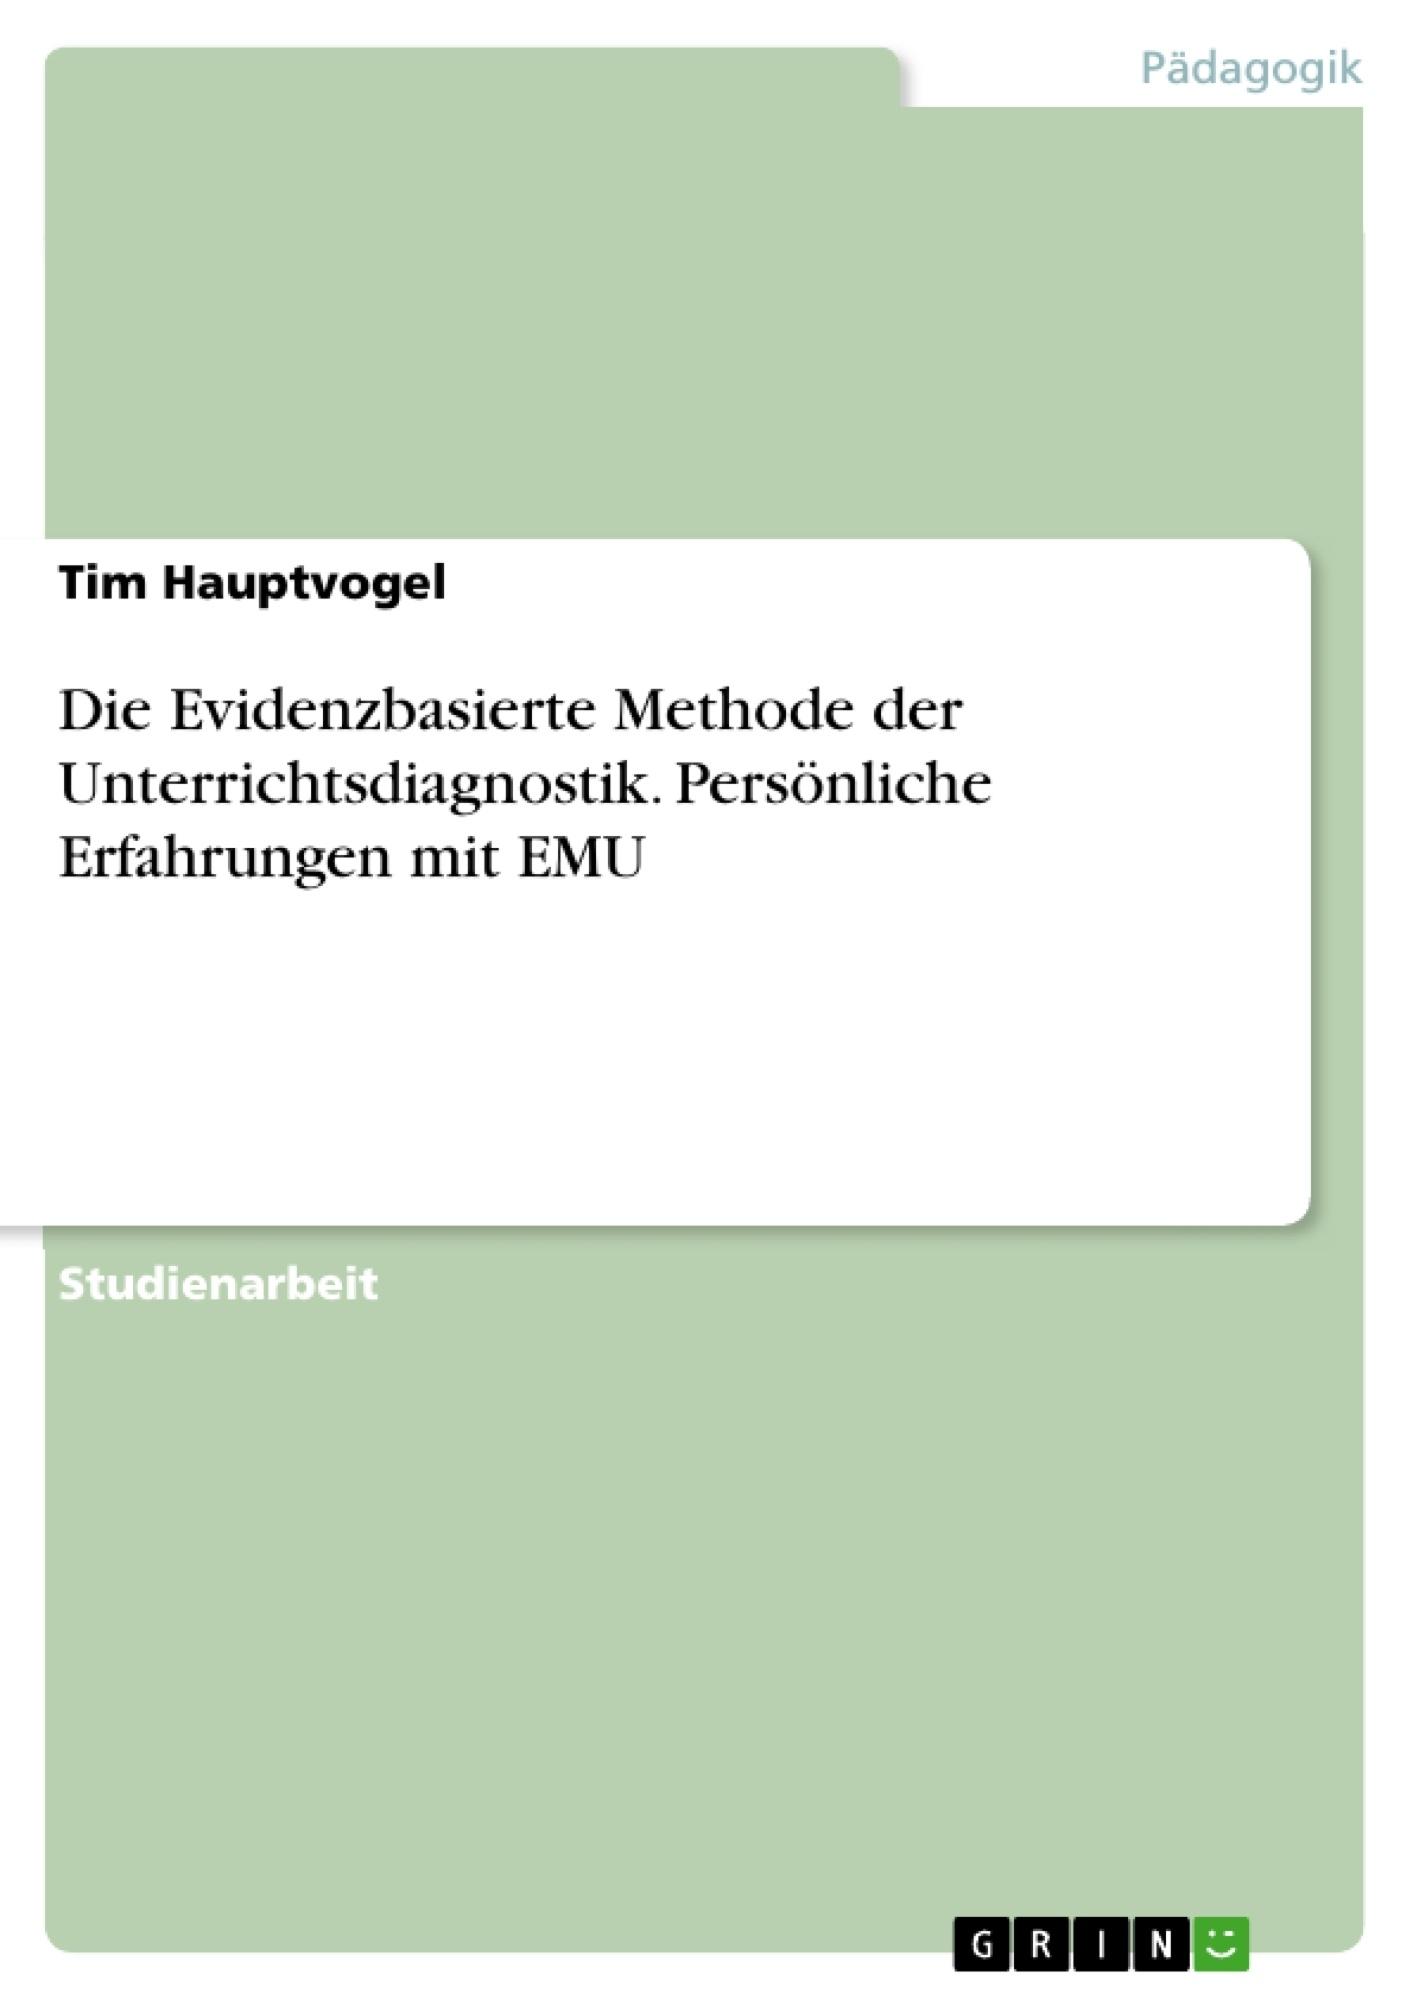 Titel: Die Evidenzbasierte Methode der Unterrichtsdiagnostik. Persönliche Erfahrungen mit EMU